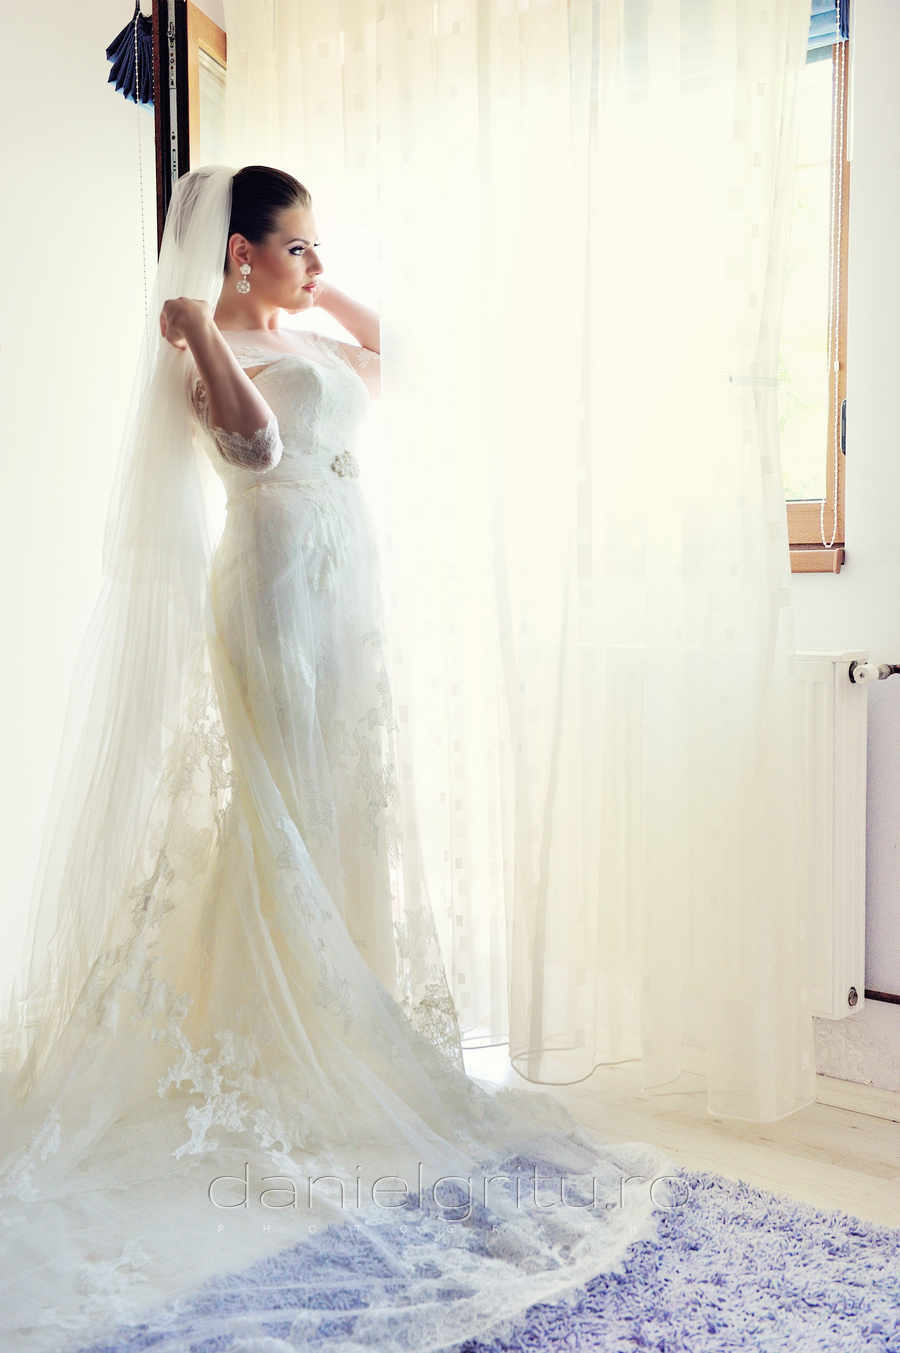 Fotograf de nunta | www.danielgritu.ro | Nunta la Rin Hotel Otop